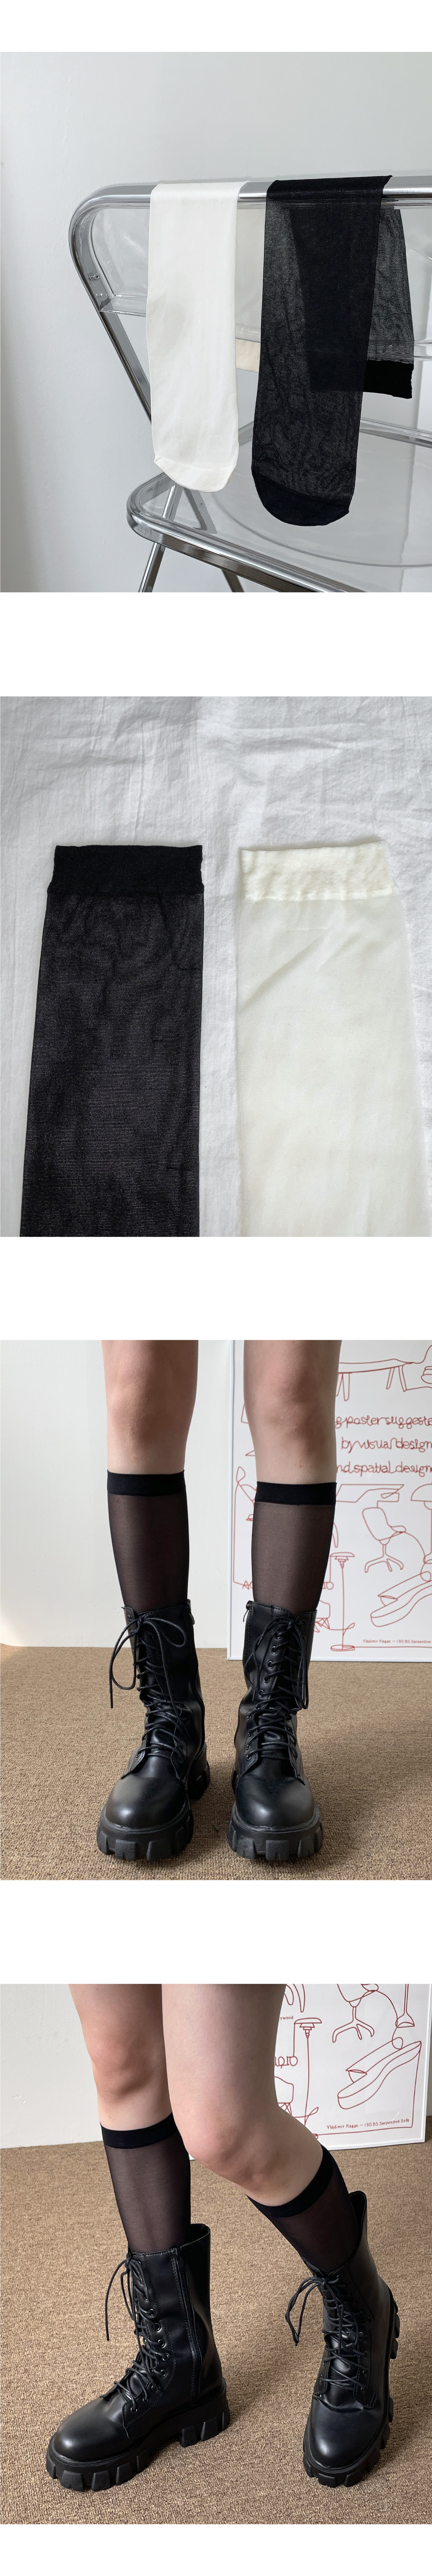 Cheline sheer knee-sock socks